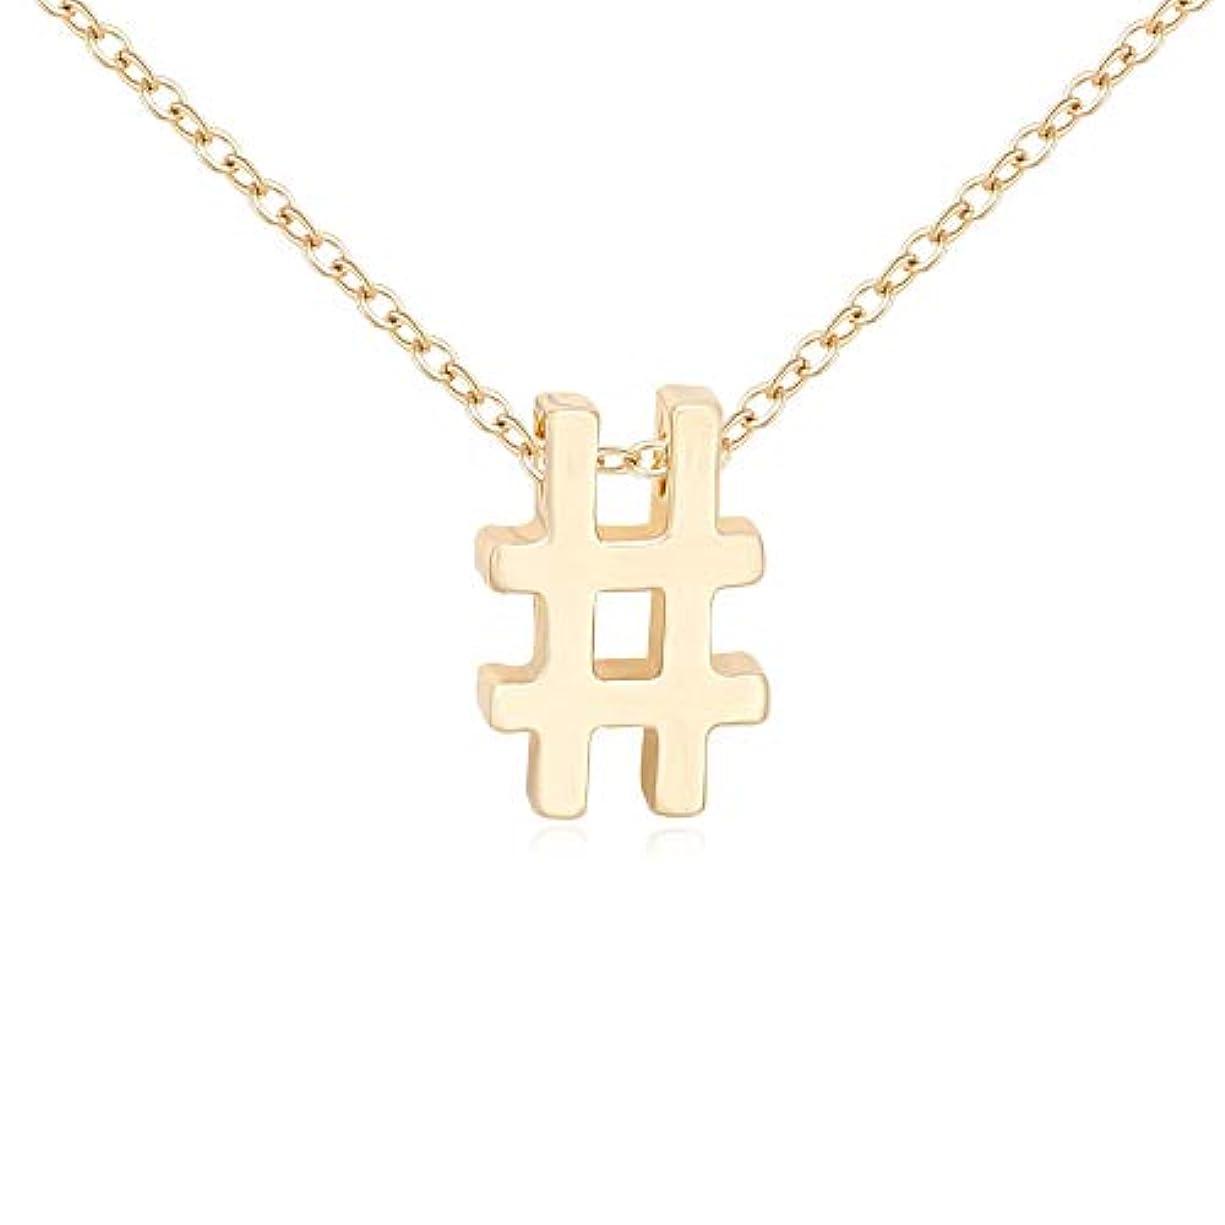 MANZHEN 3 Colors Petite # Hashtag Pendant Necklace